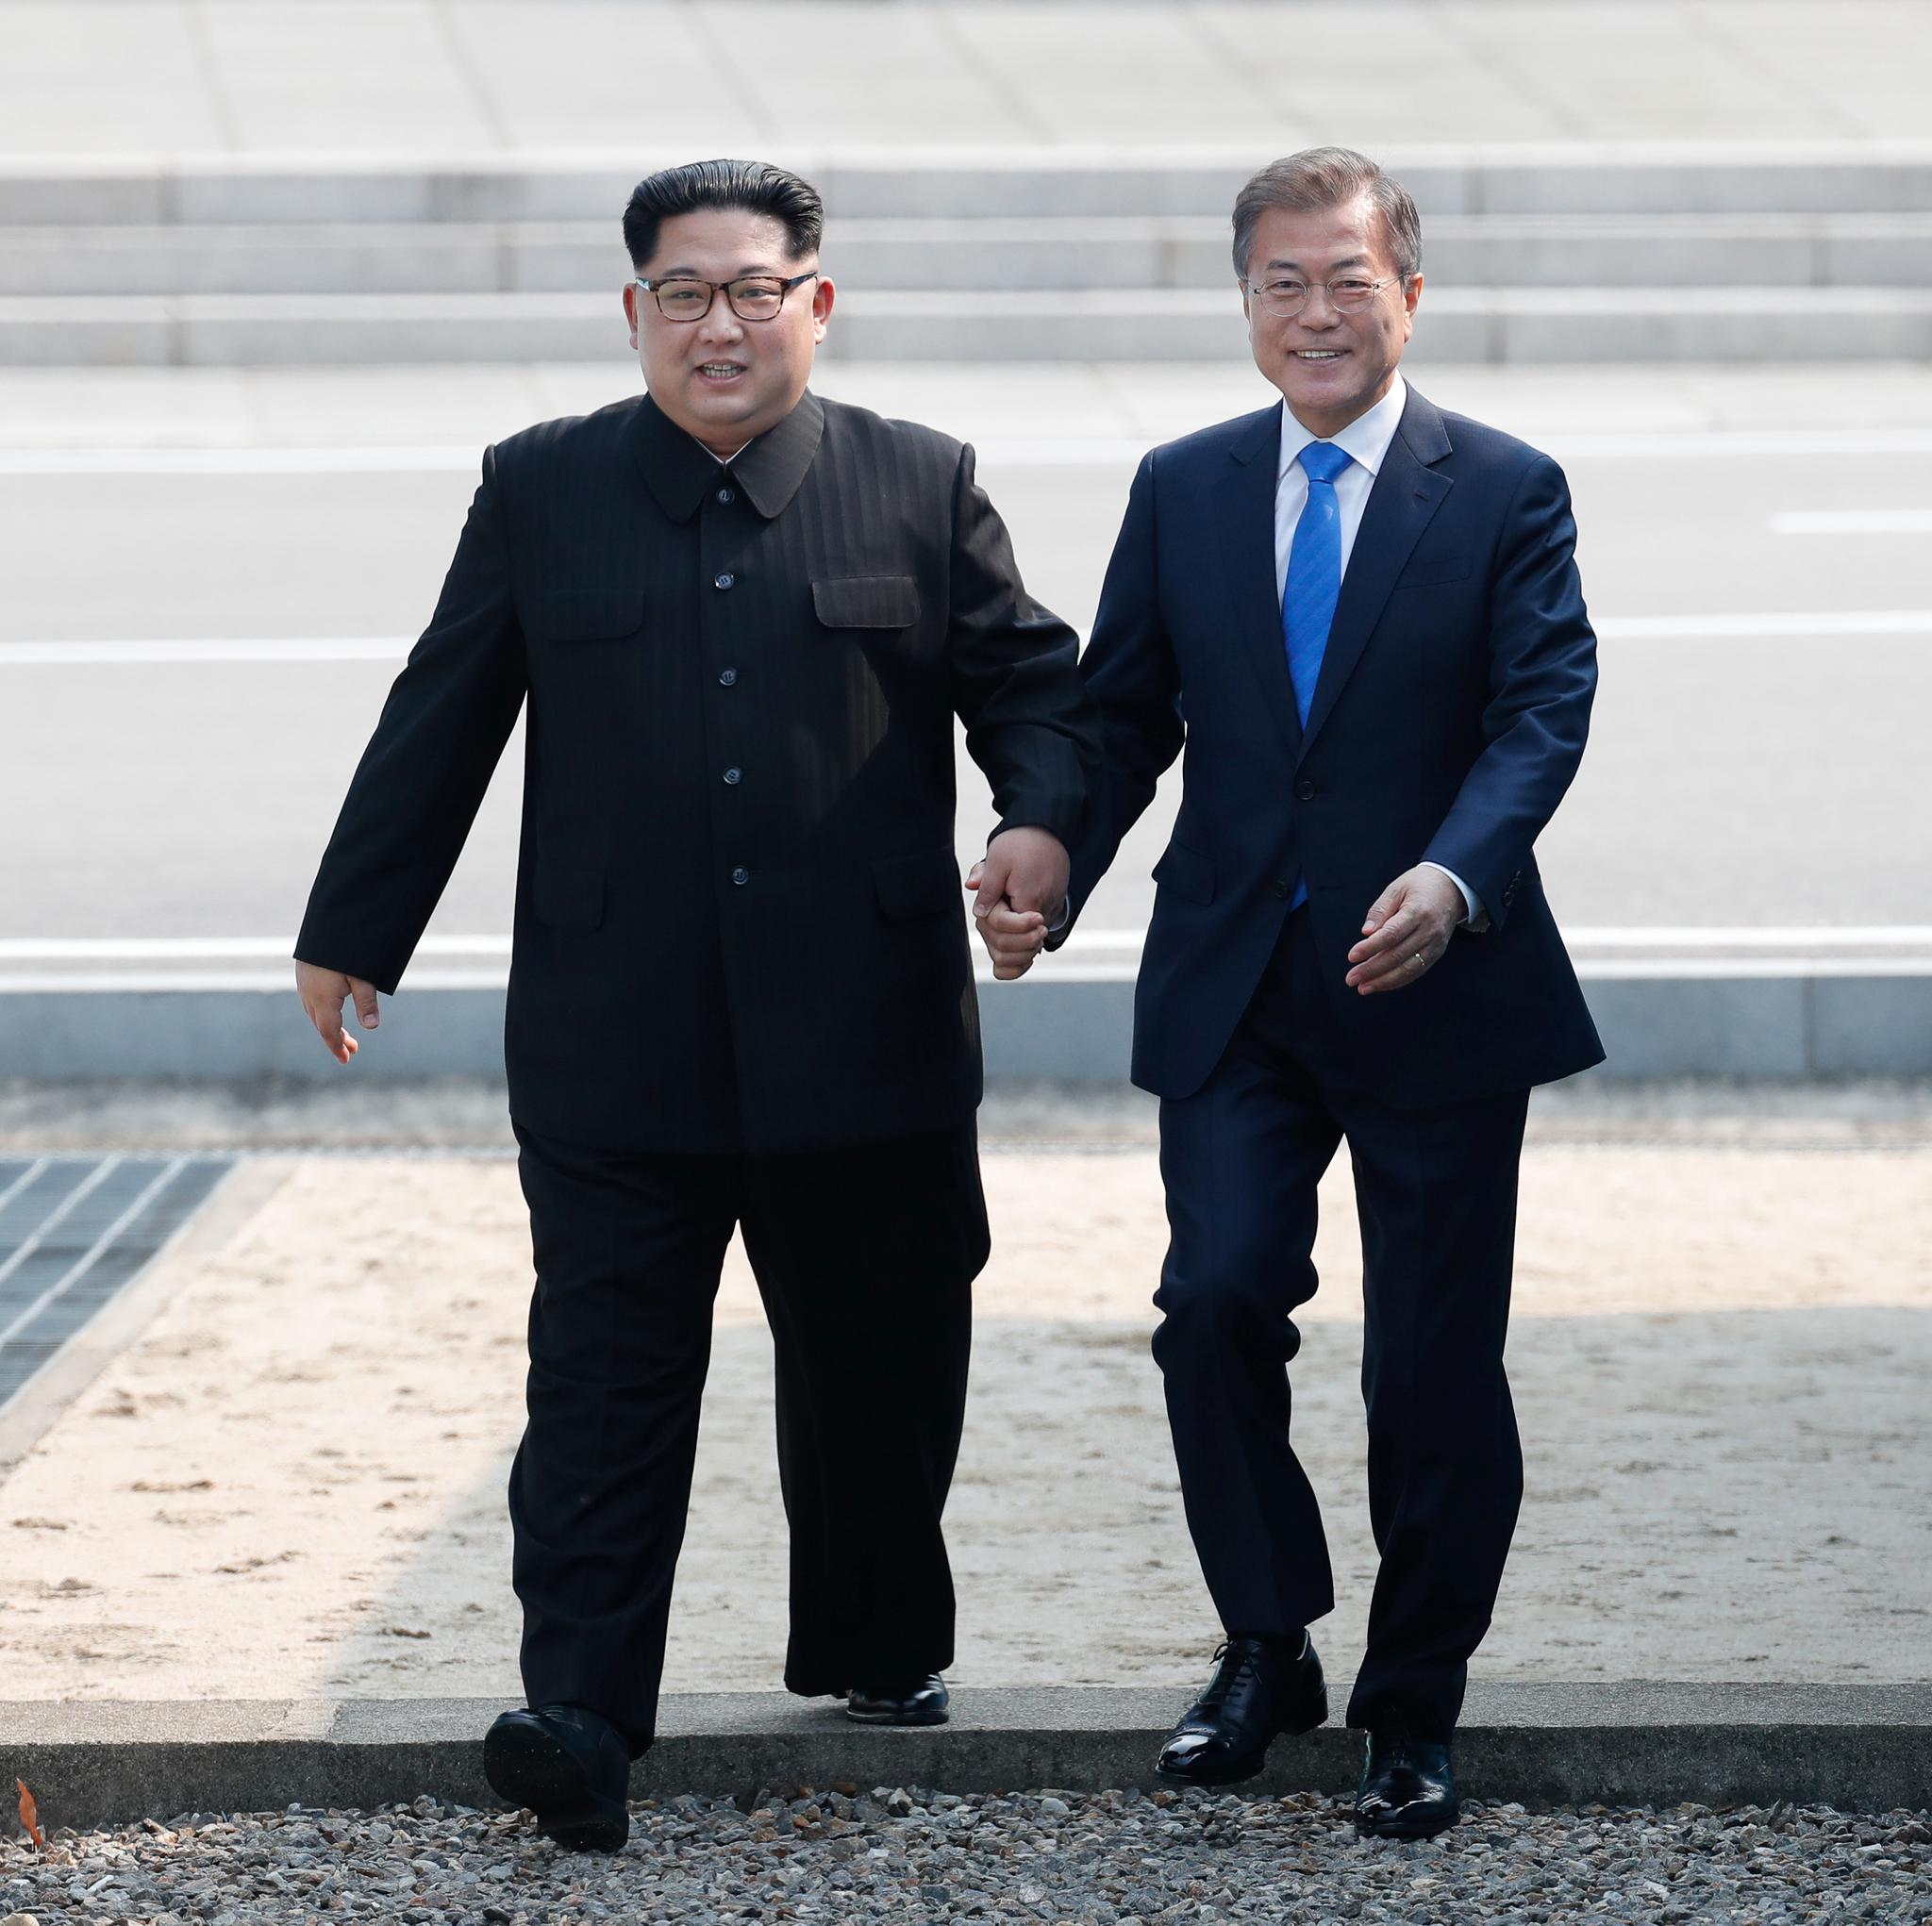 역사적인 남북 정상의 첫 만남. 문재인 대통령과 김정은 국무위원장이 함께 손을 잡고 판문점 군사분계선을 넘고 있다. 사진공동취재단